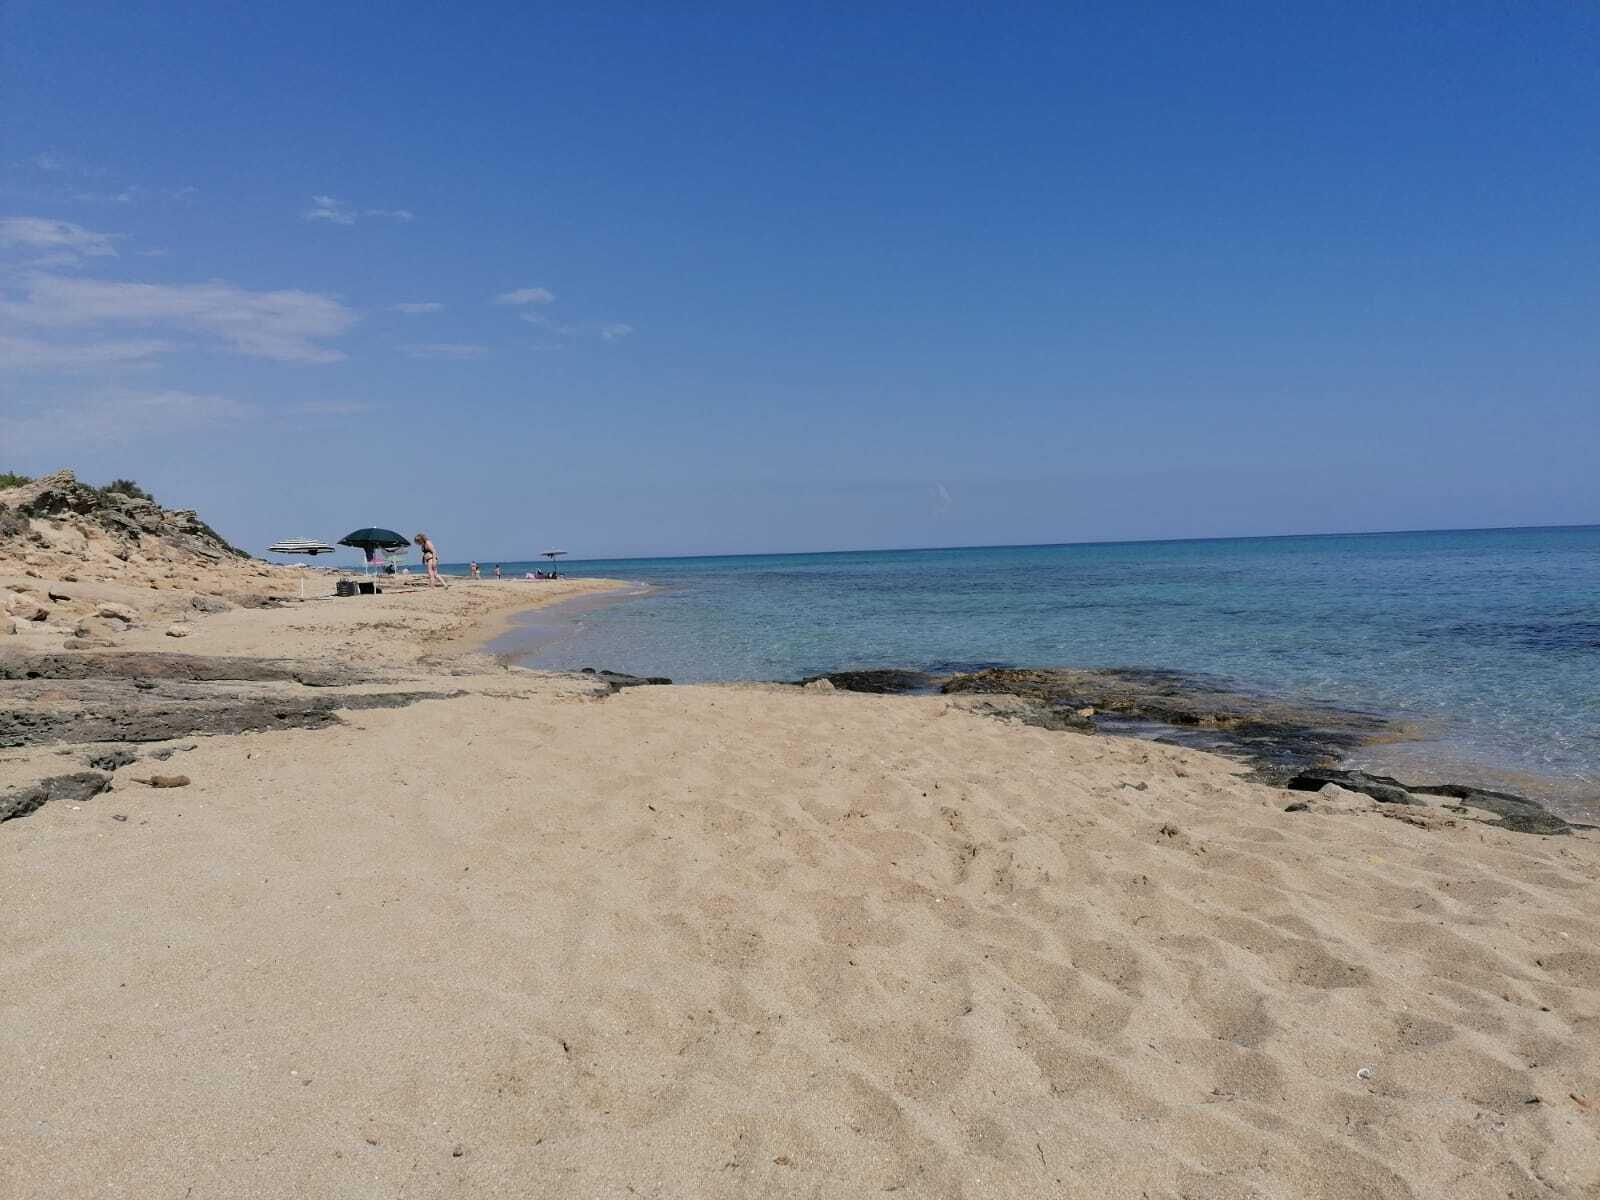 Mirante spiaggia mare salento